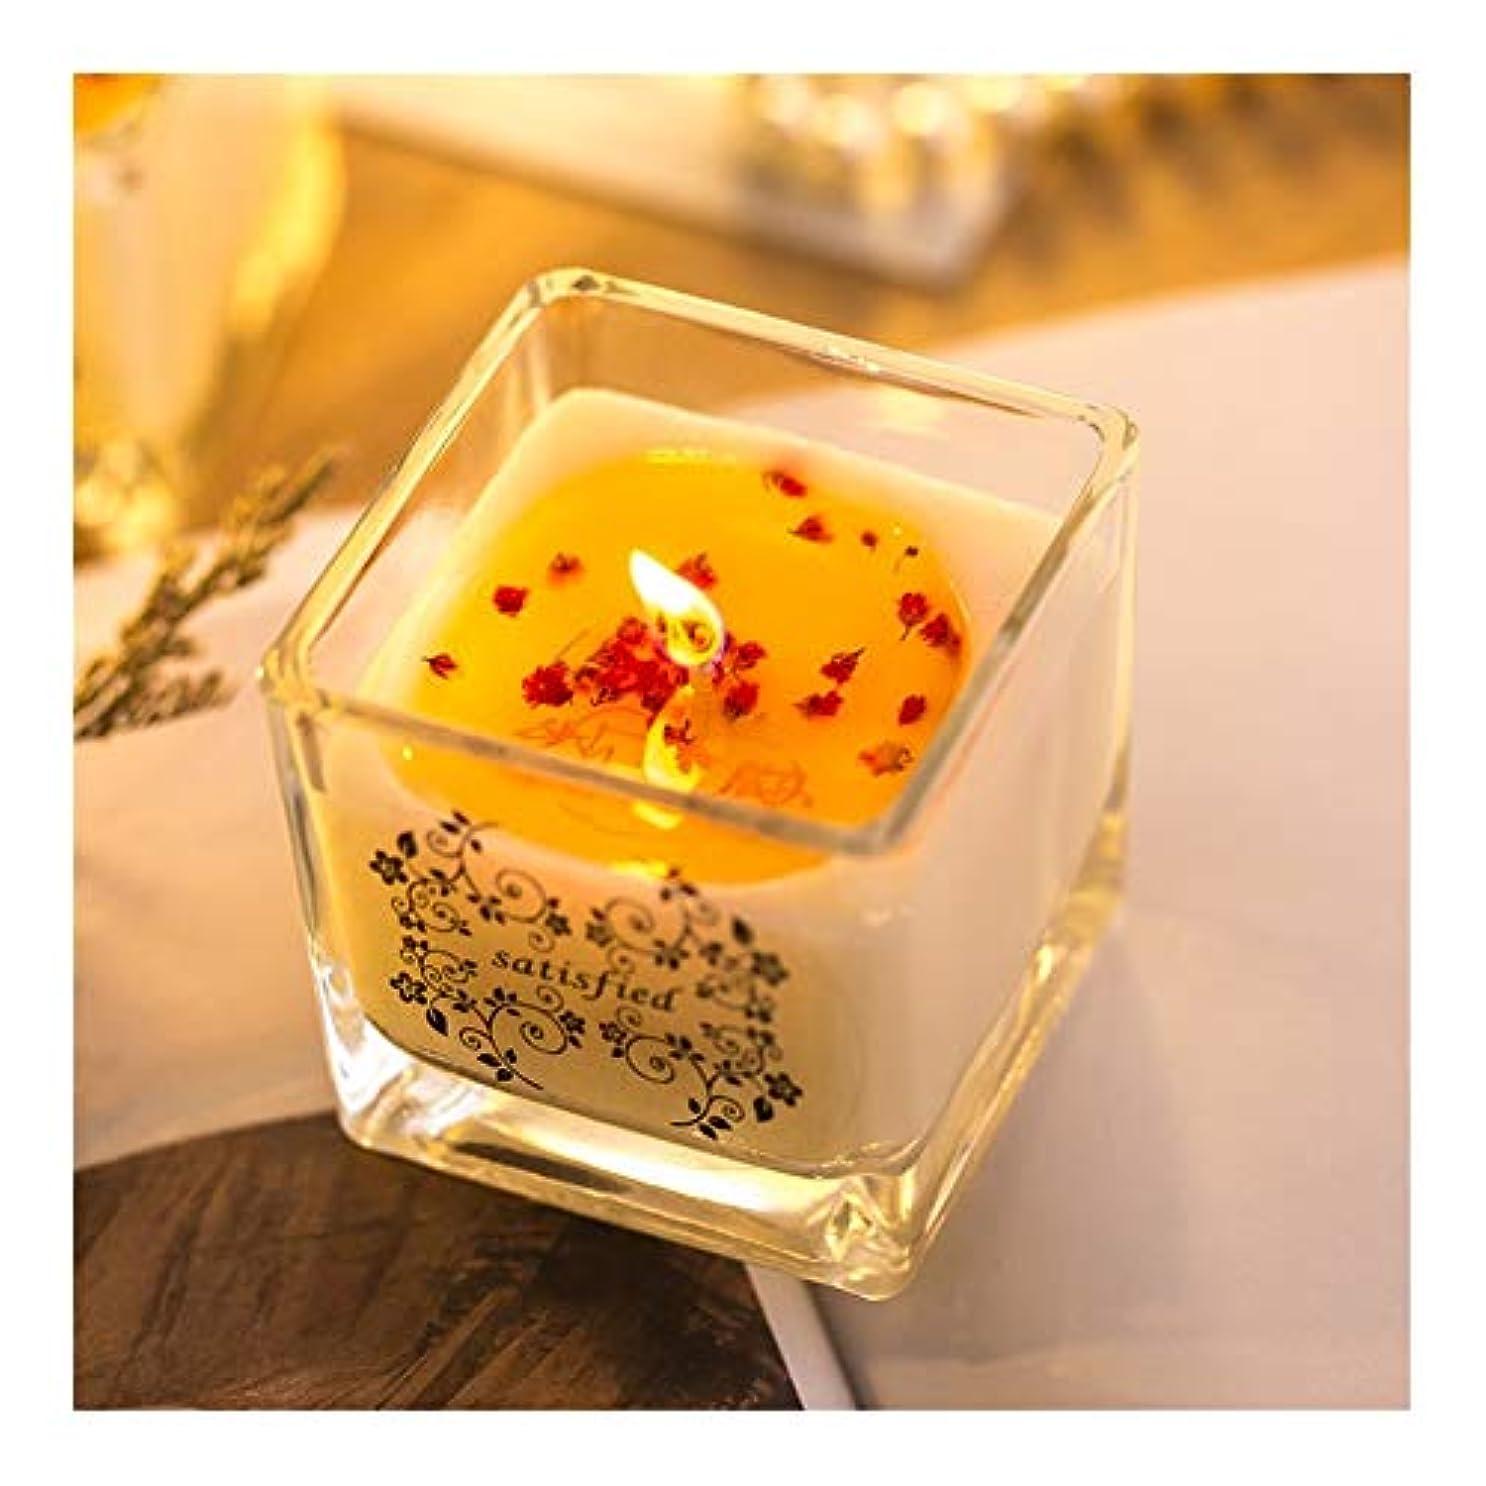 刻むユーモラス品ACAO 手作りアロマセラピー大豆キャンドルロマンチックな結婚結婚ガラスの花びら輸入無煙エッセンシャルオイルキャンドル卸売 (色 : Lime)